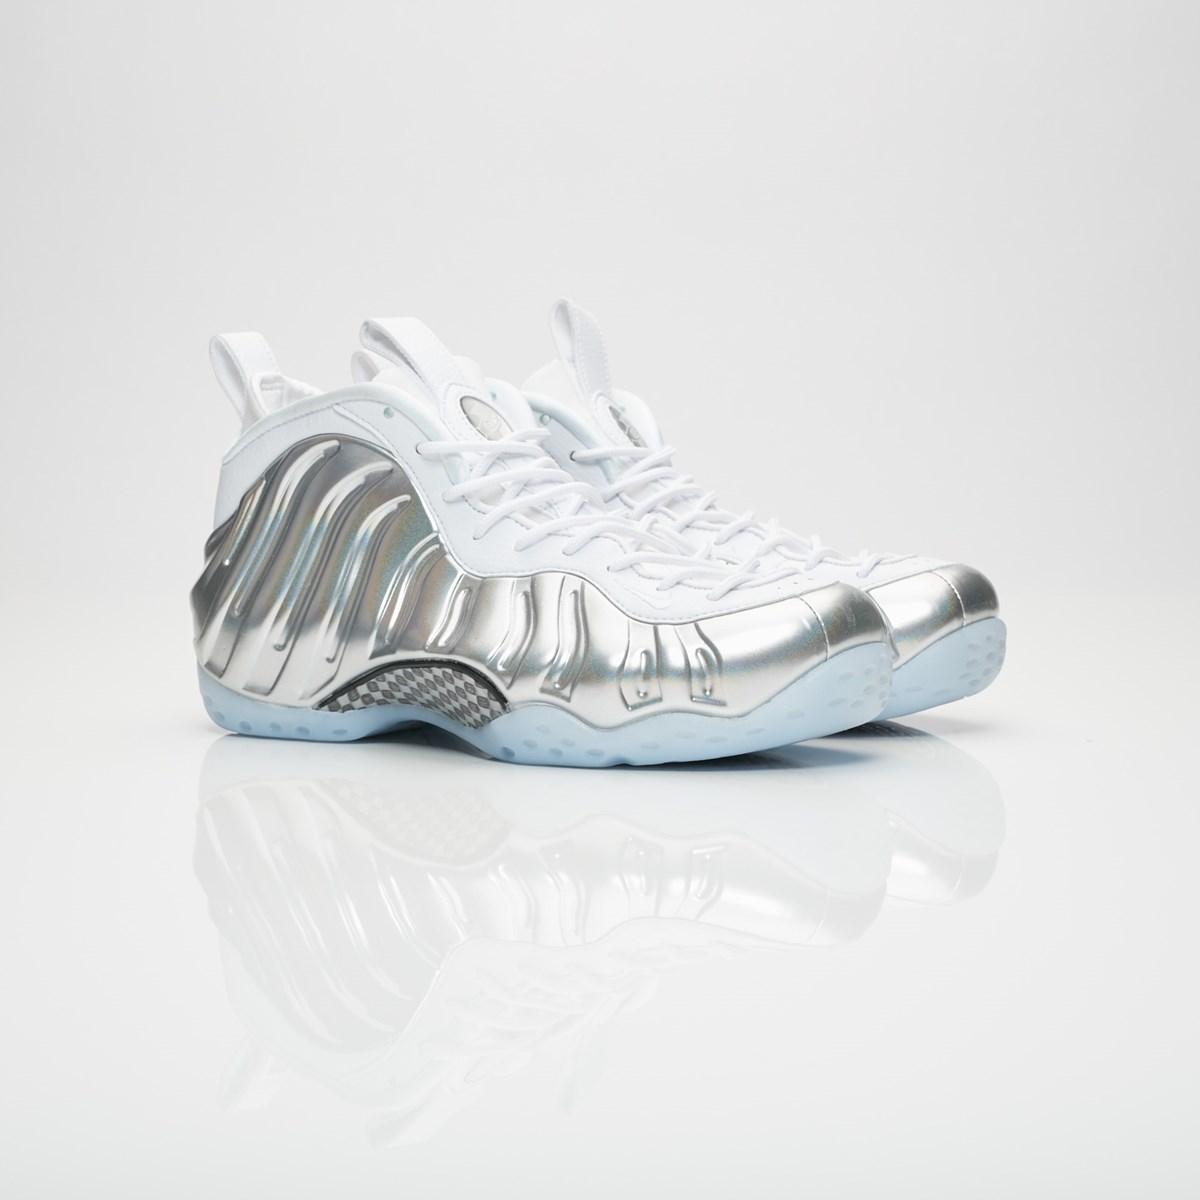 e9002533bca Nike Wmns Air Foamposite One - Aa3963-100 - Sneakersnstuff I Sneakers    Streetwear online seit 1999